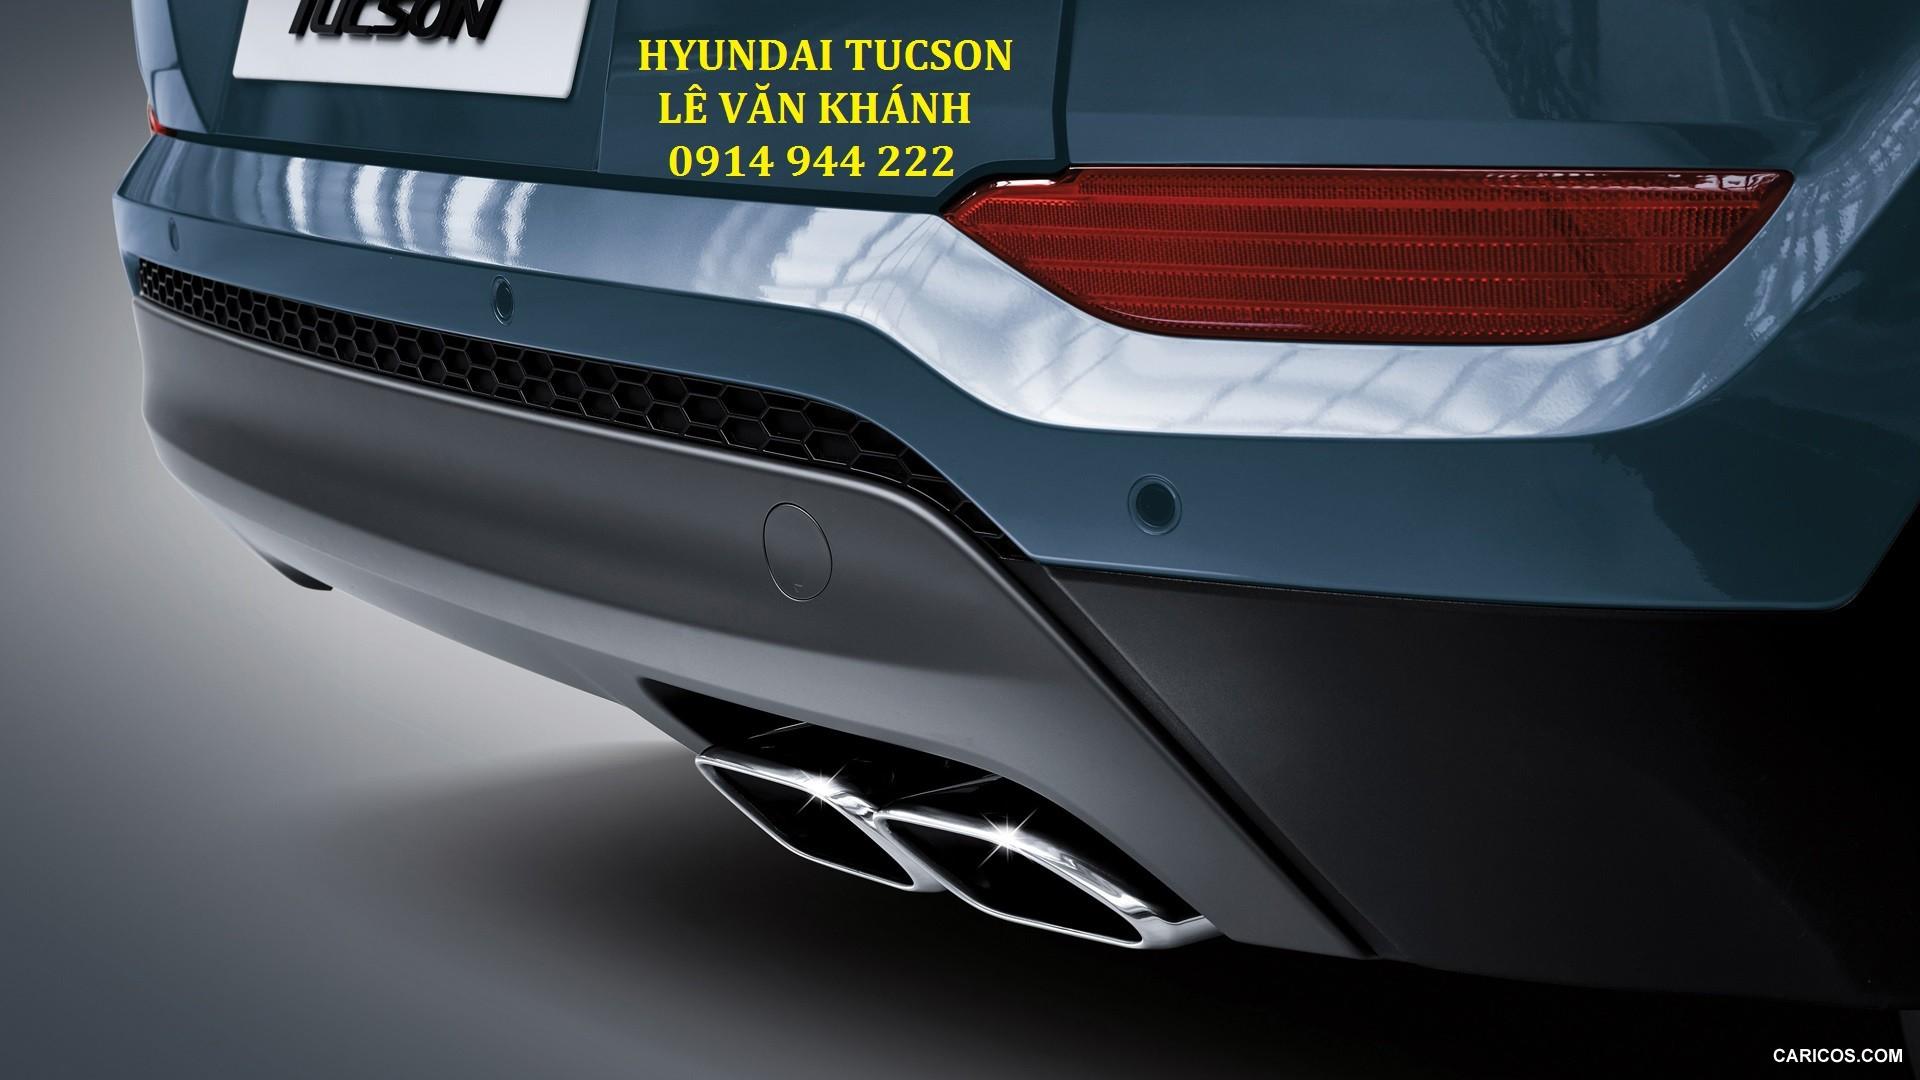 Hyundai Grand i10 2016 Đà Nẵng, Hyundai i10 Sedan Xcent, Xe nhập khẩu, GIảm tiền và tặng phụ kiện, Ảnh số 37377209